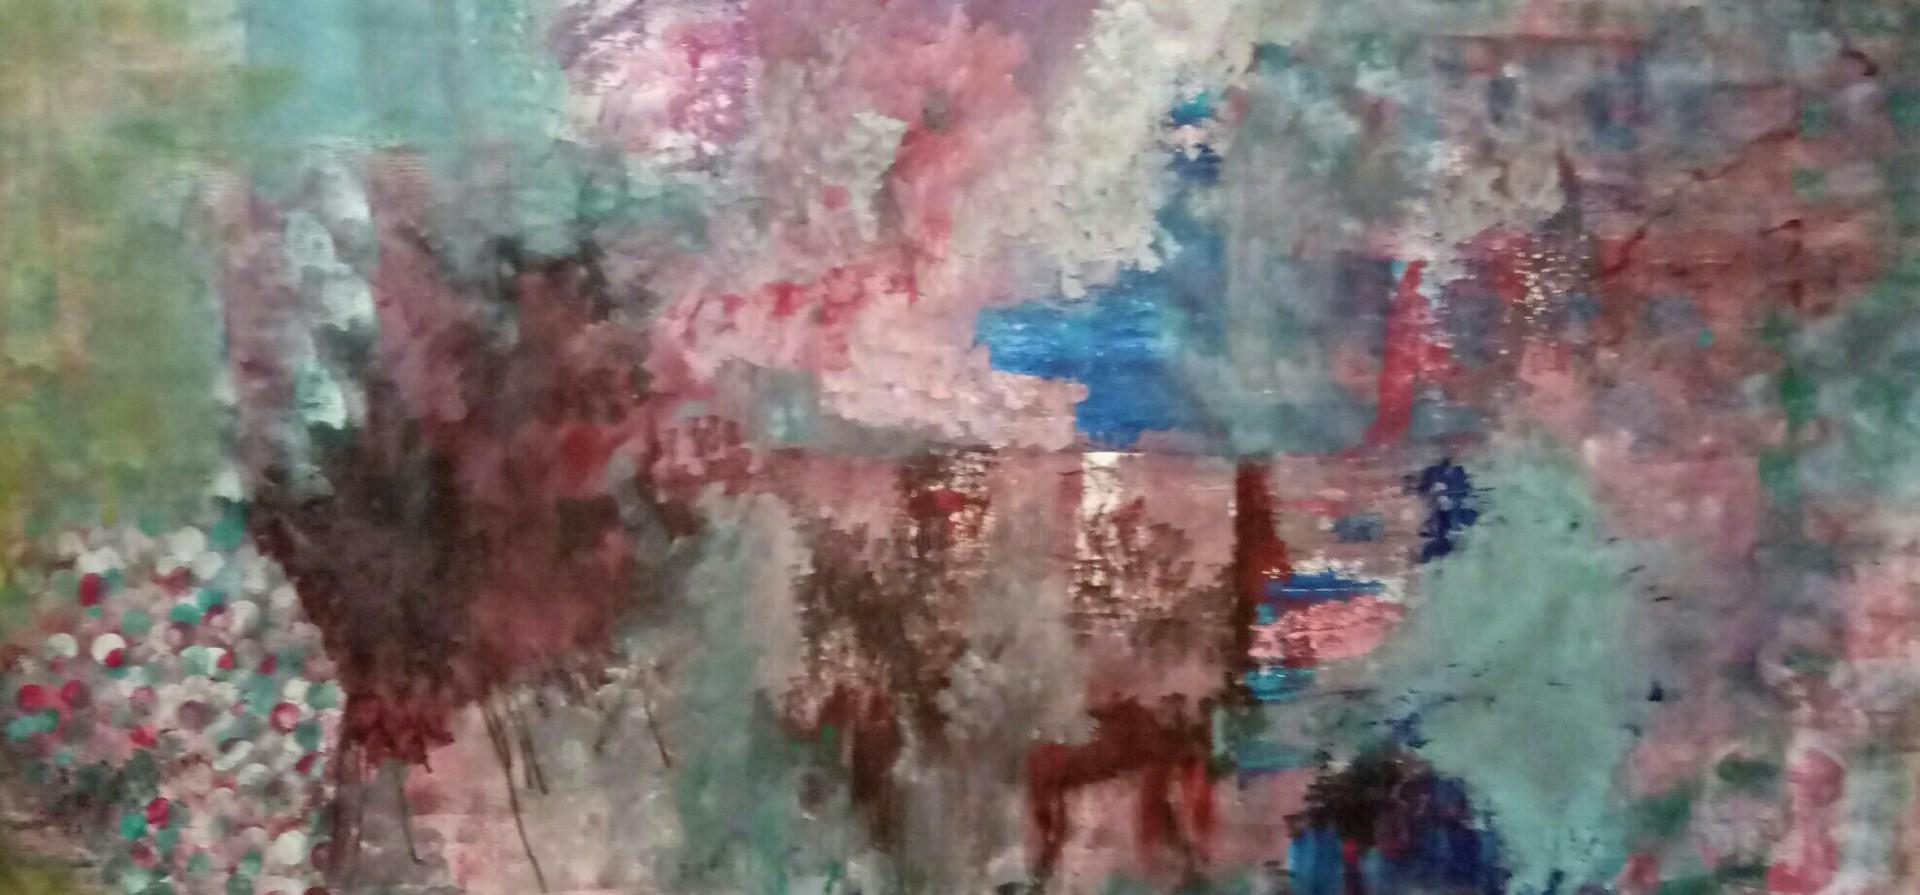 Atignas Art - Beauty in chaos